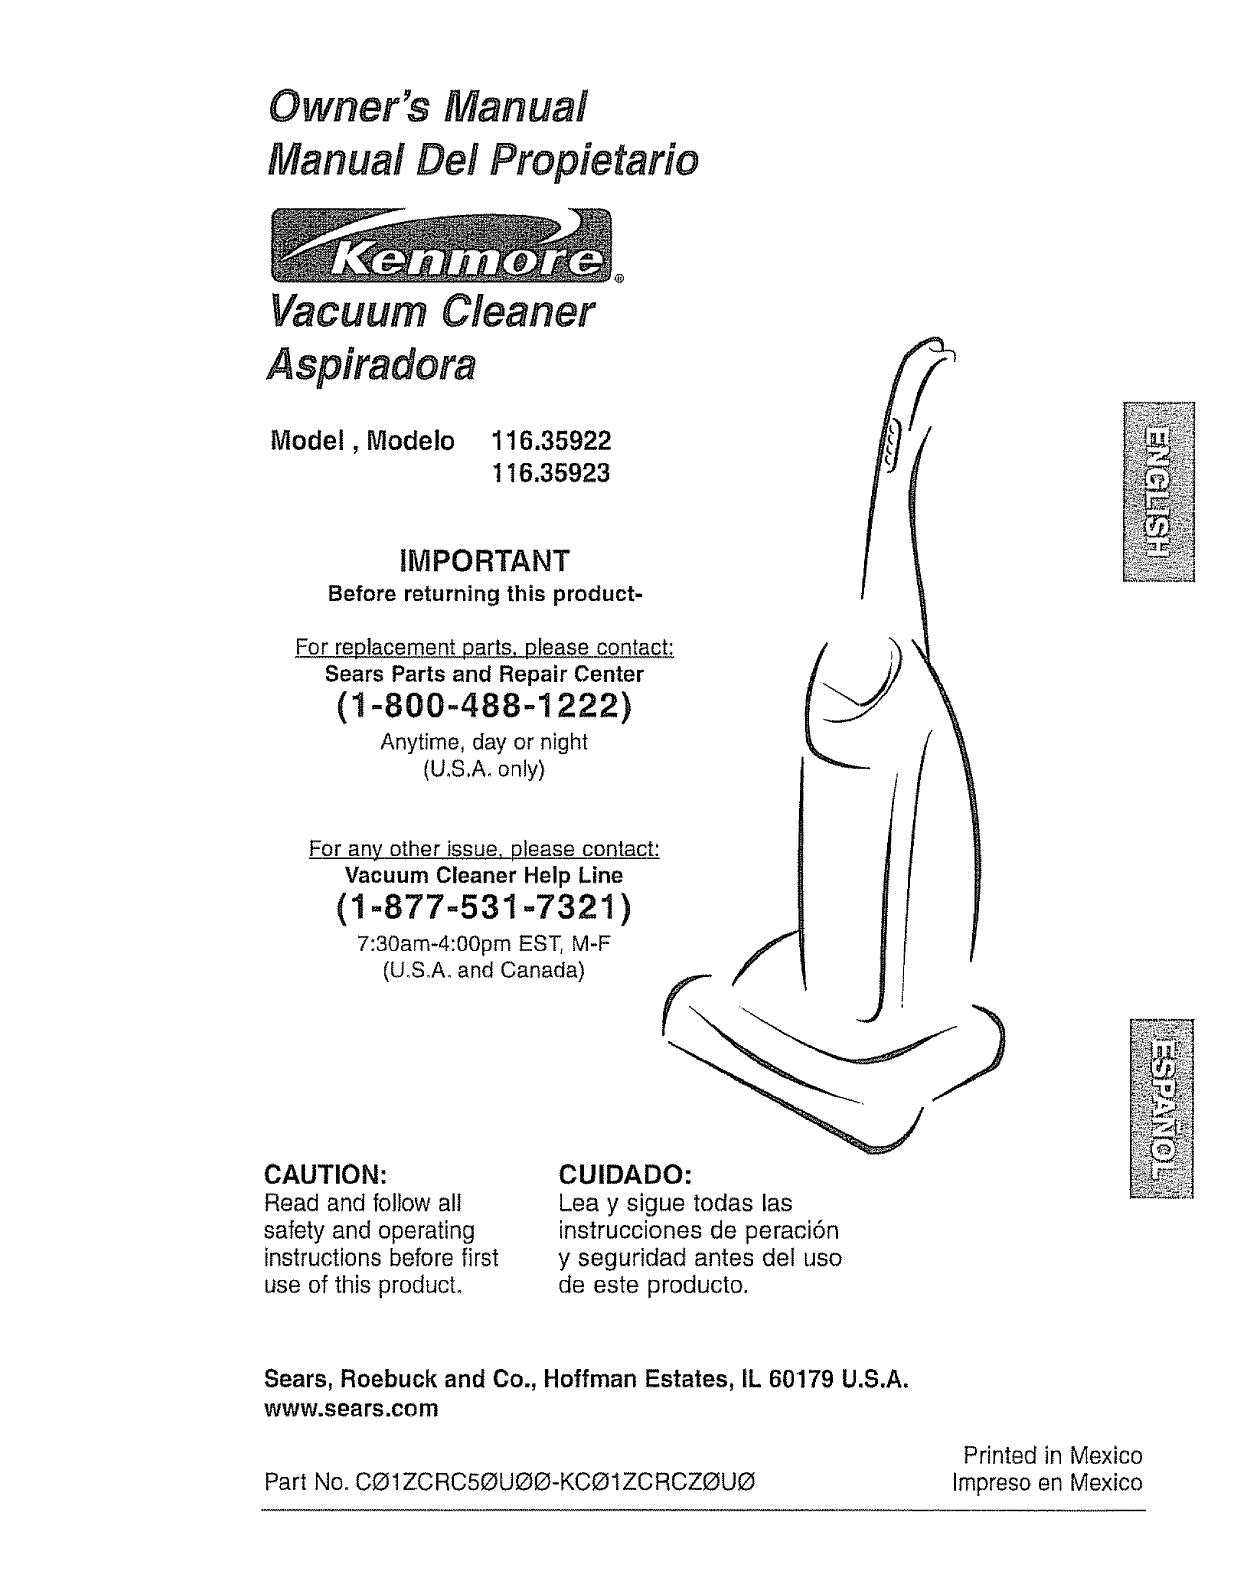 kenmore vacuum cleaner 116 35922 user s guide manualsonline com rh pinterest com kenmore upright vacuum cleaner owner's manual kenmore upright vacuum cleaner owner's manual